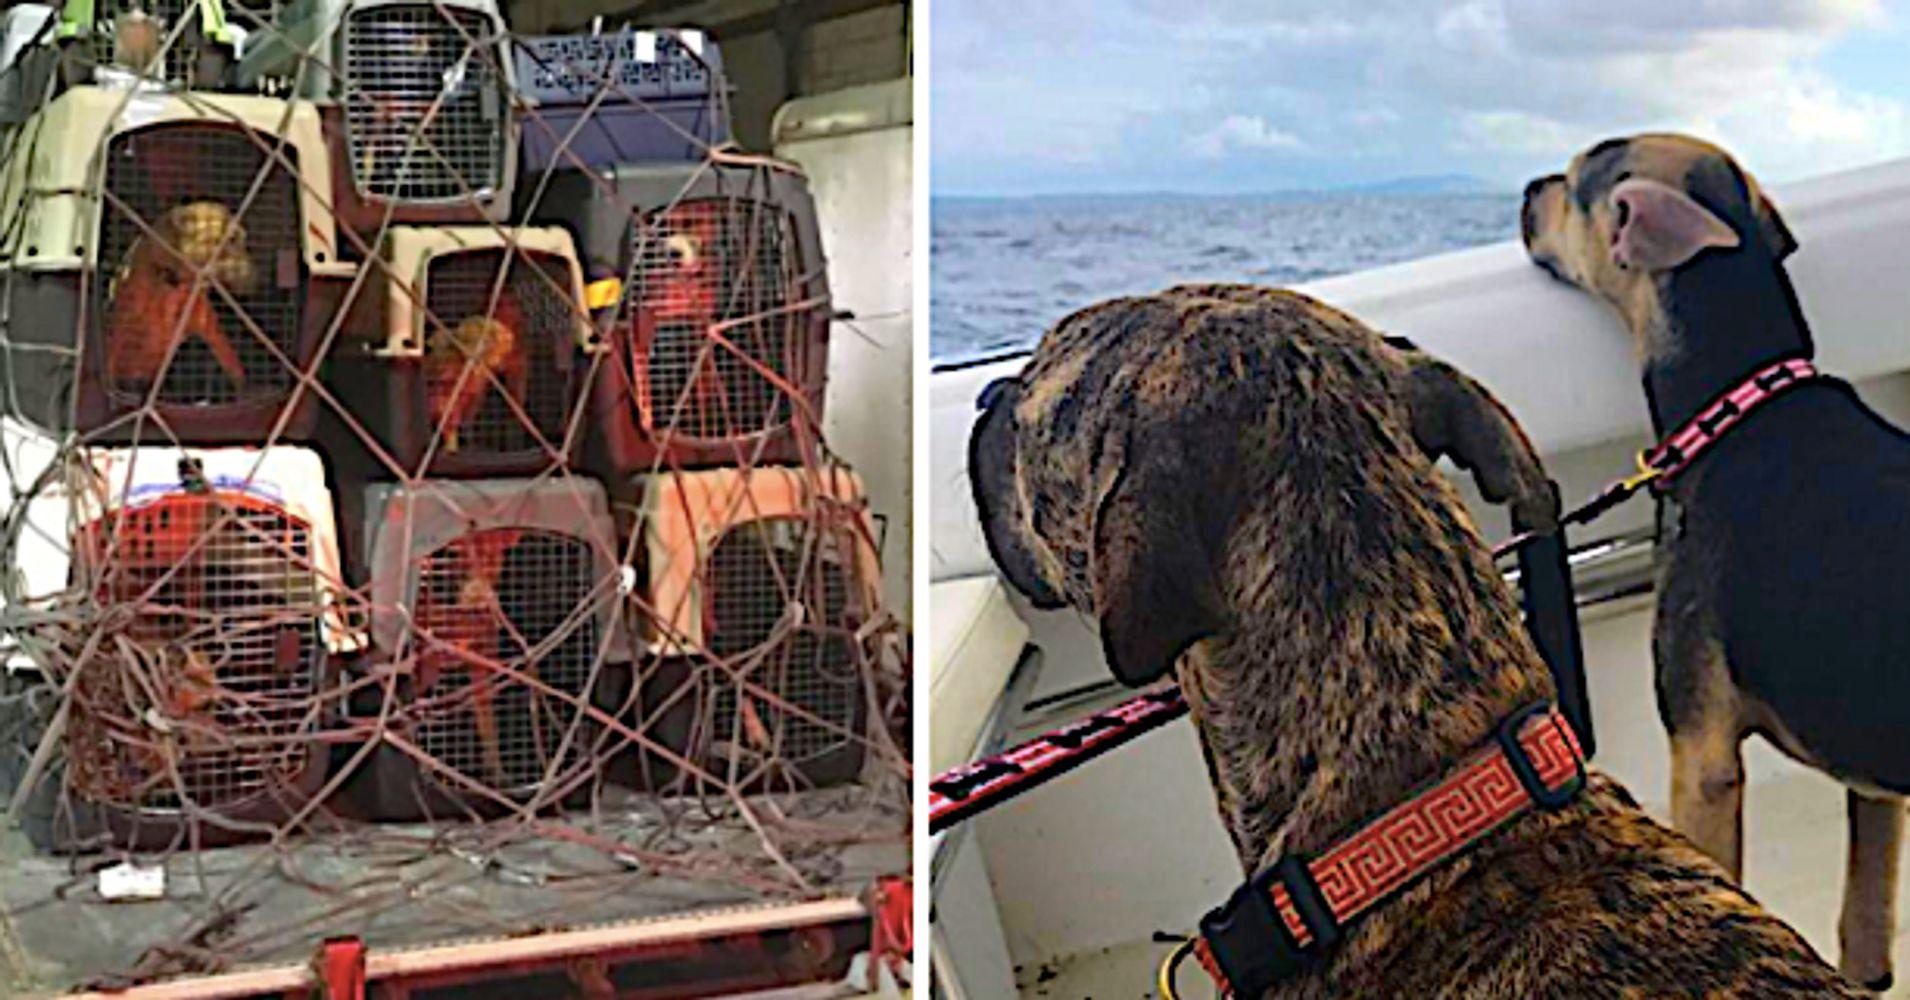 Sali Gear Island Dog Rescue